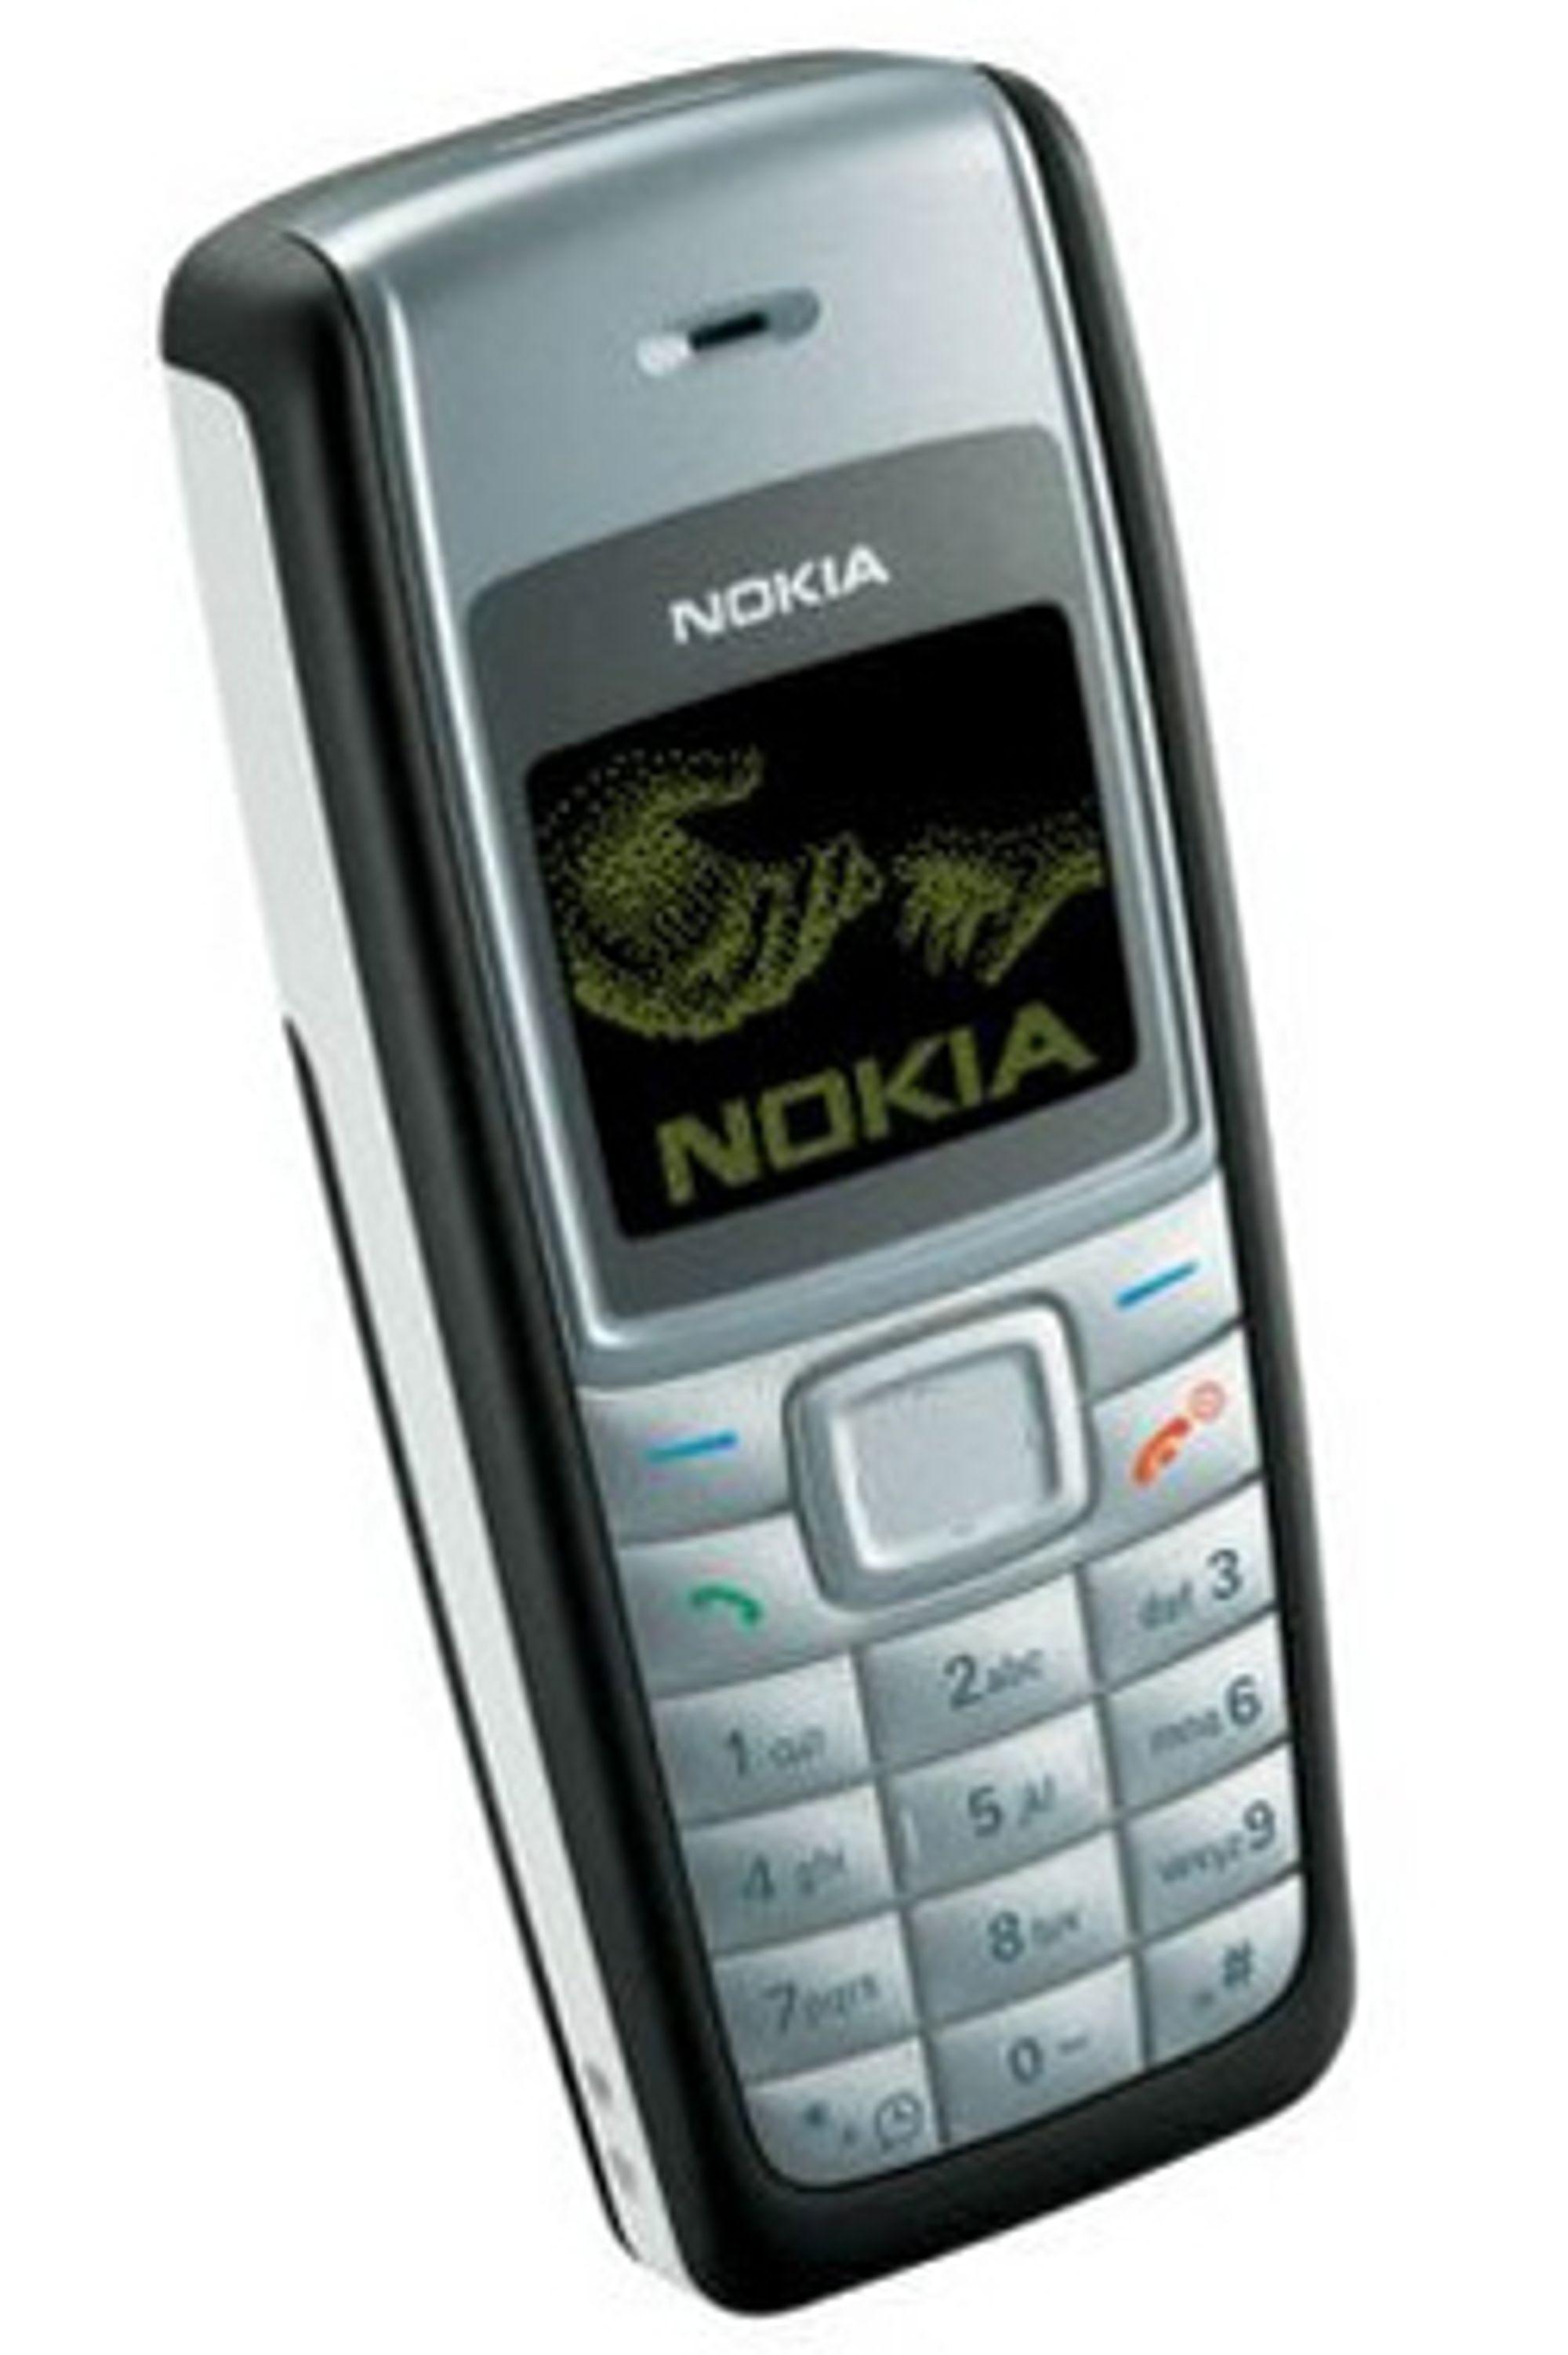 Denne mobilen koster ikke mer enn 400 kroner. (Foto: Nokia)